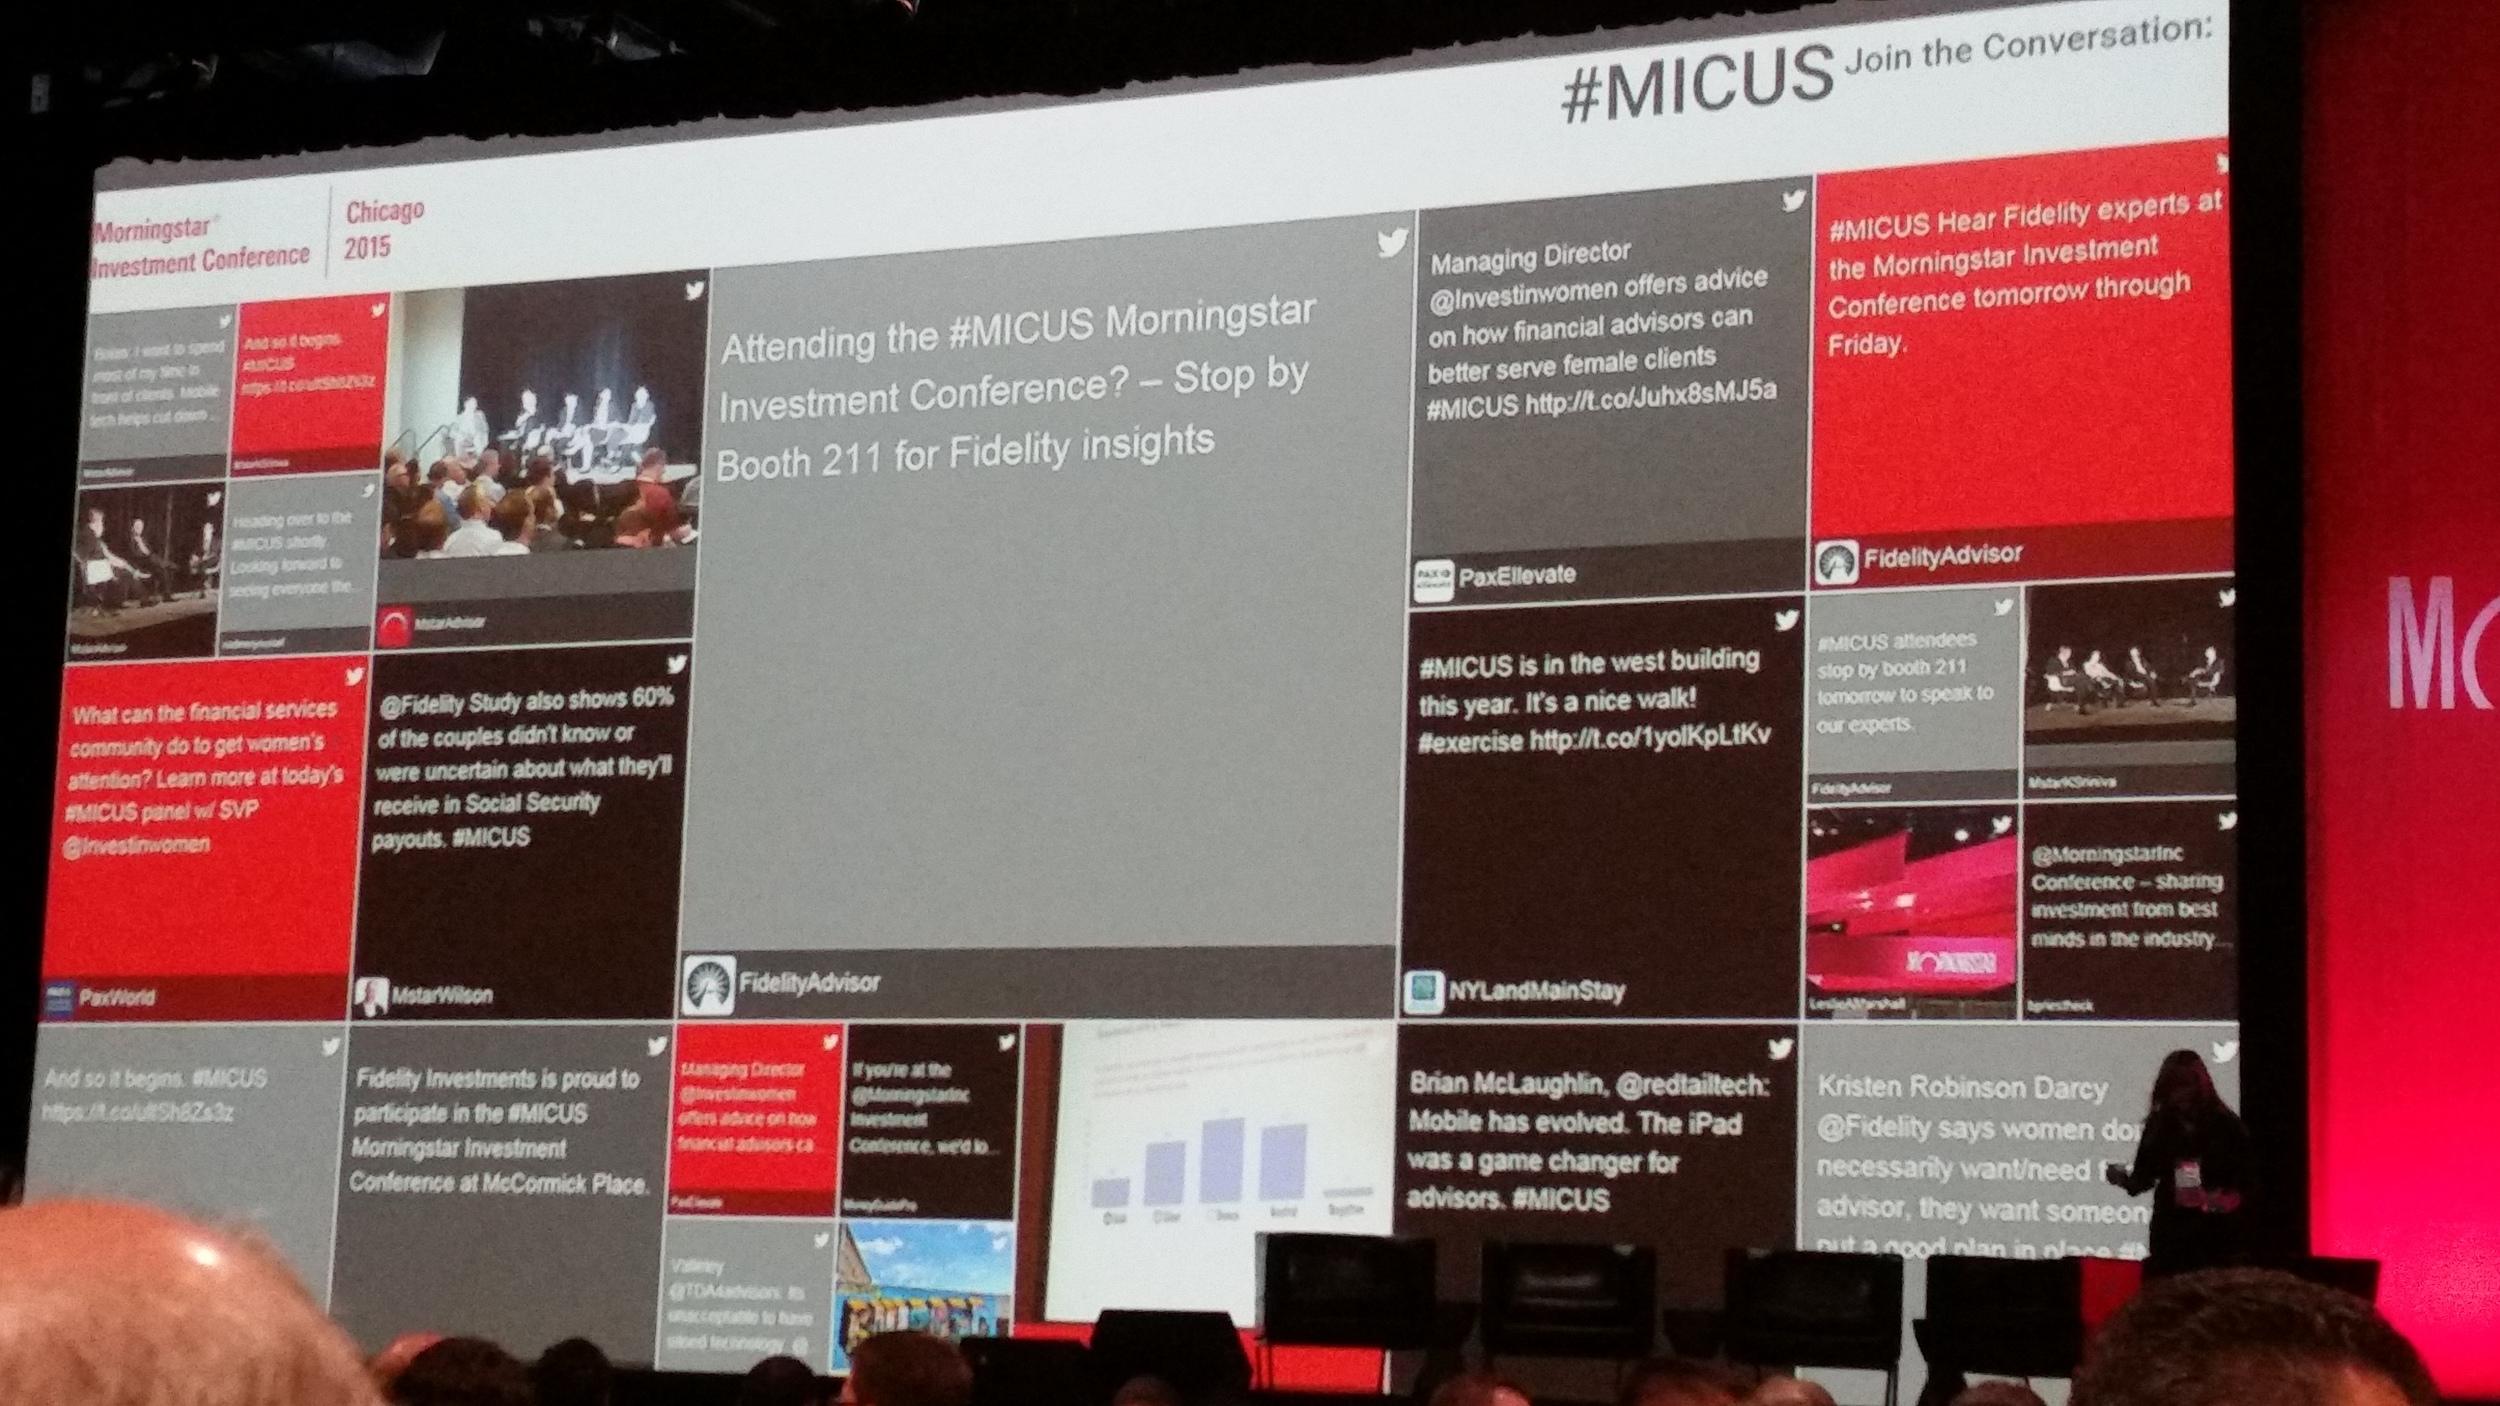 #MICUS Tweets